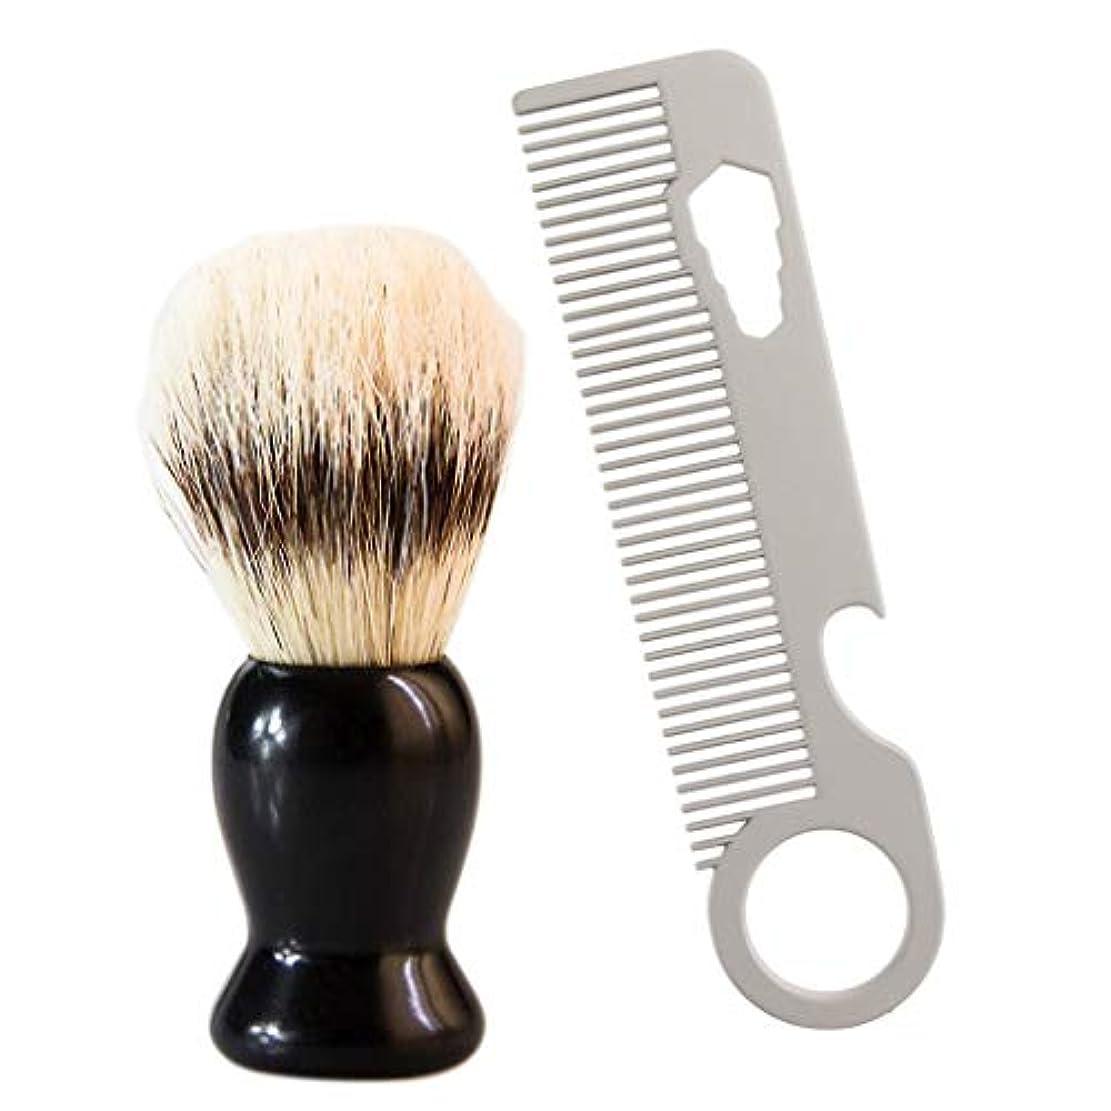 湿地早める企業Hellery メンズ シェービングブラシセット ひげ剃り櫛 理容 洗顔 髭剃り 家庭用 旅行 贈り物